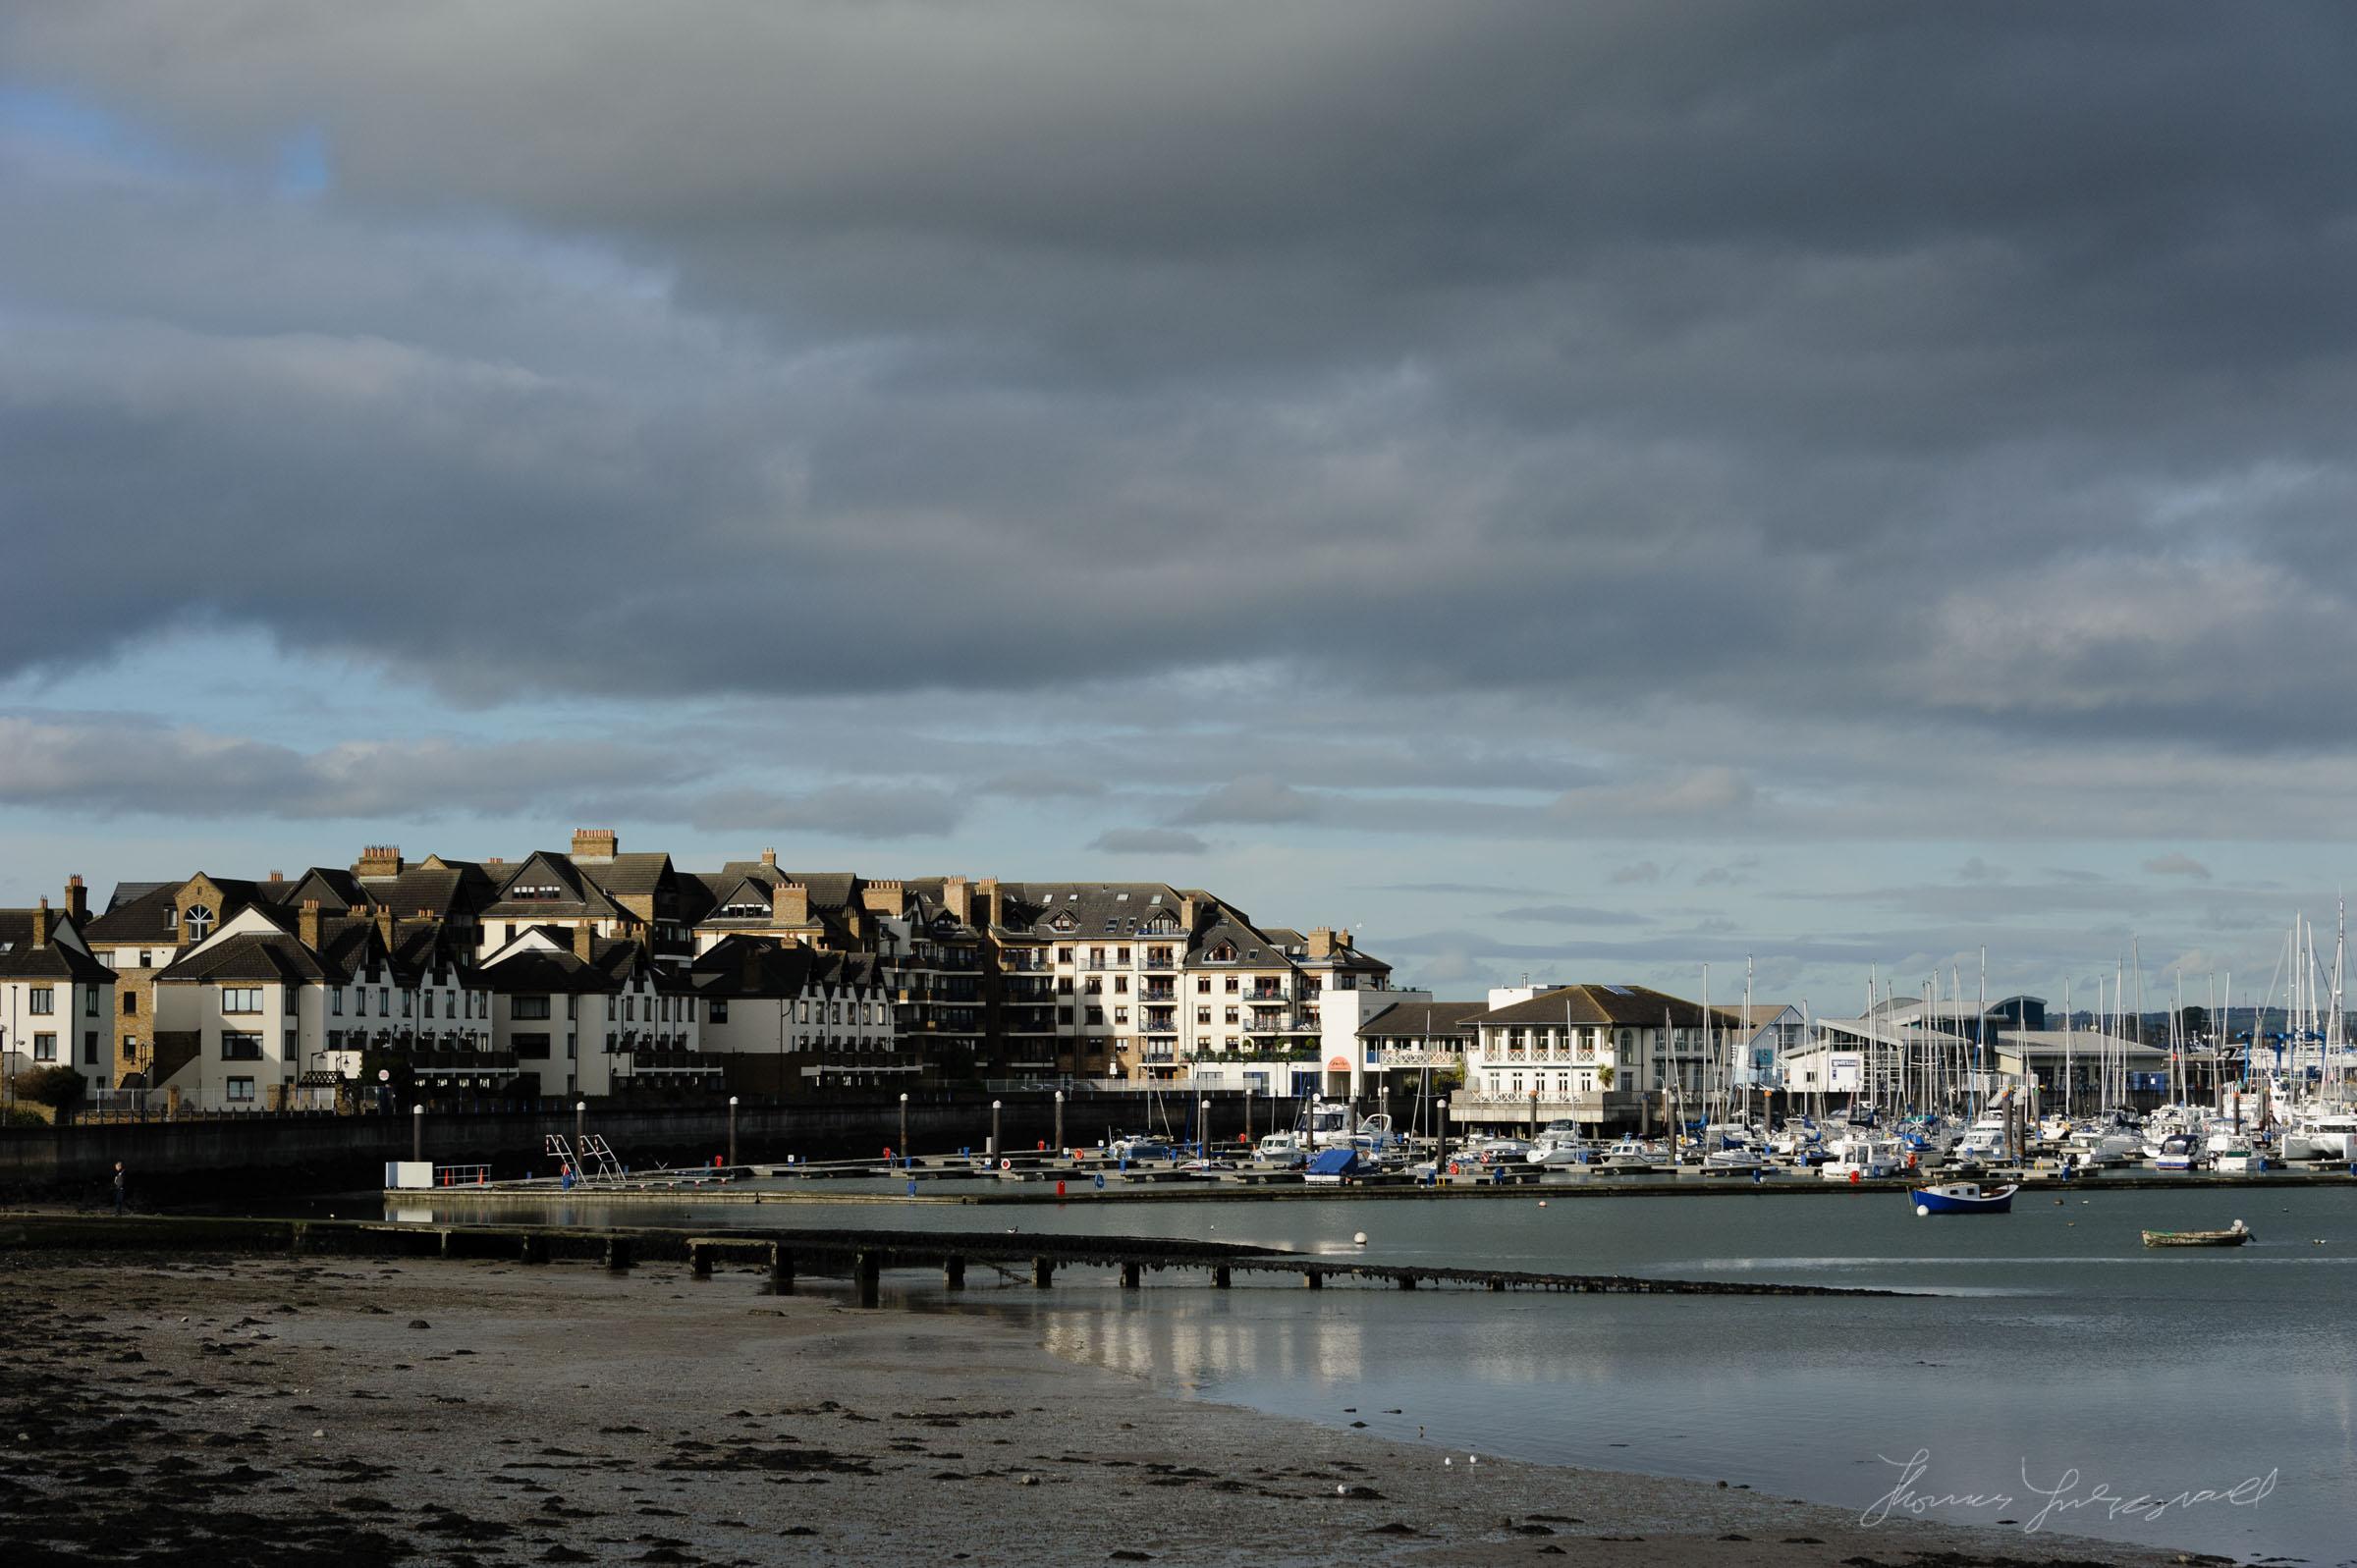 Moody Sky over the Marina in Malahide